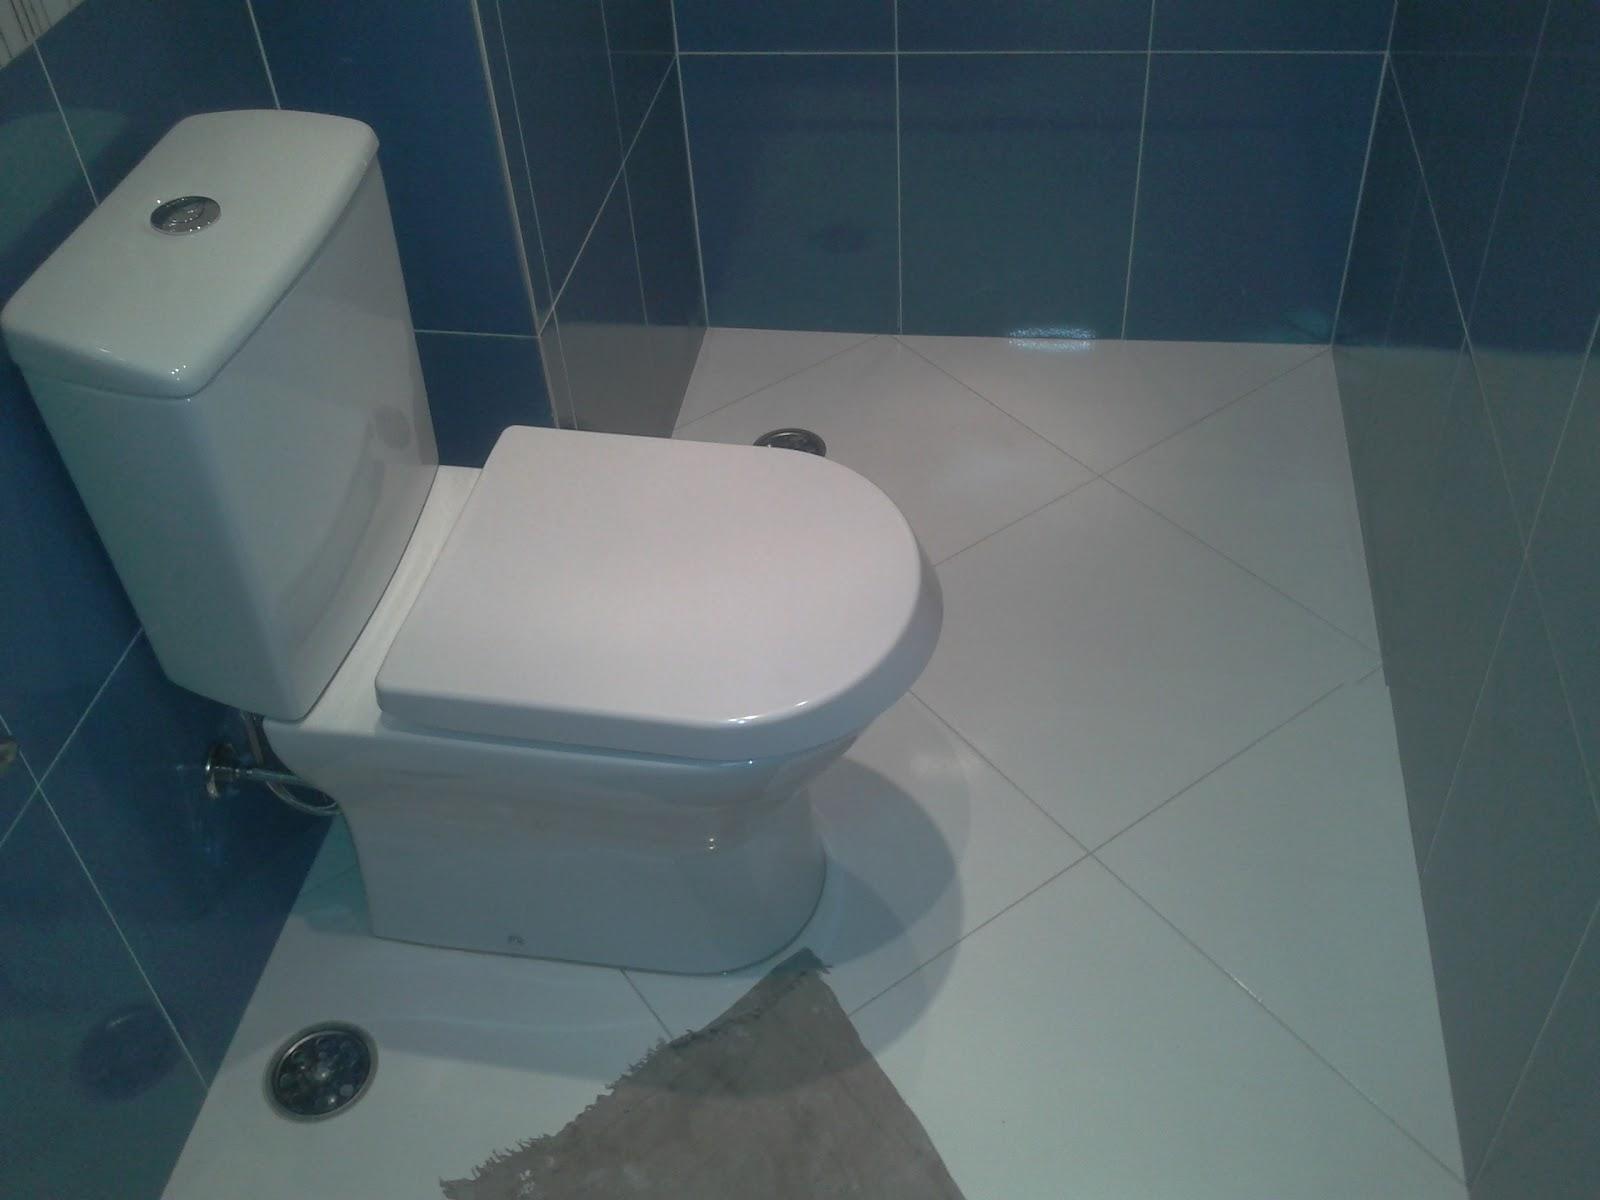 Sa e Eric e nosso Ap: planejado piso banheiro e cozinha e pintura #293C46 1600 1200